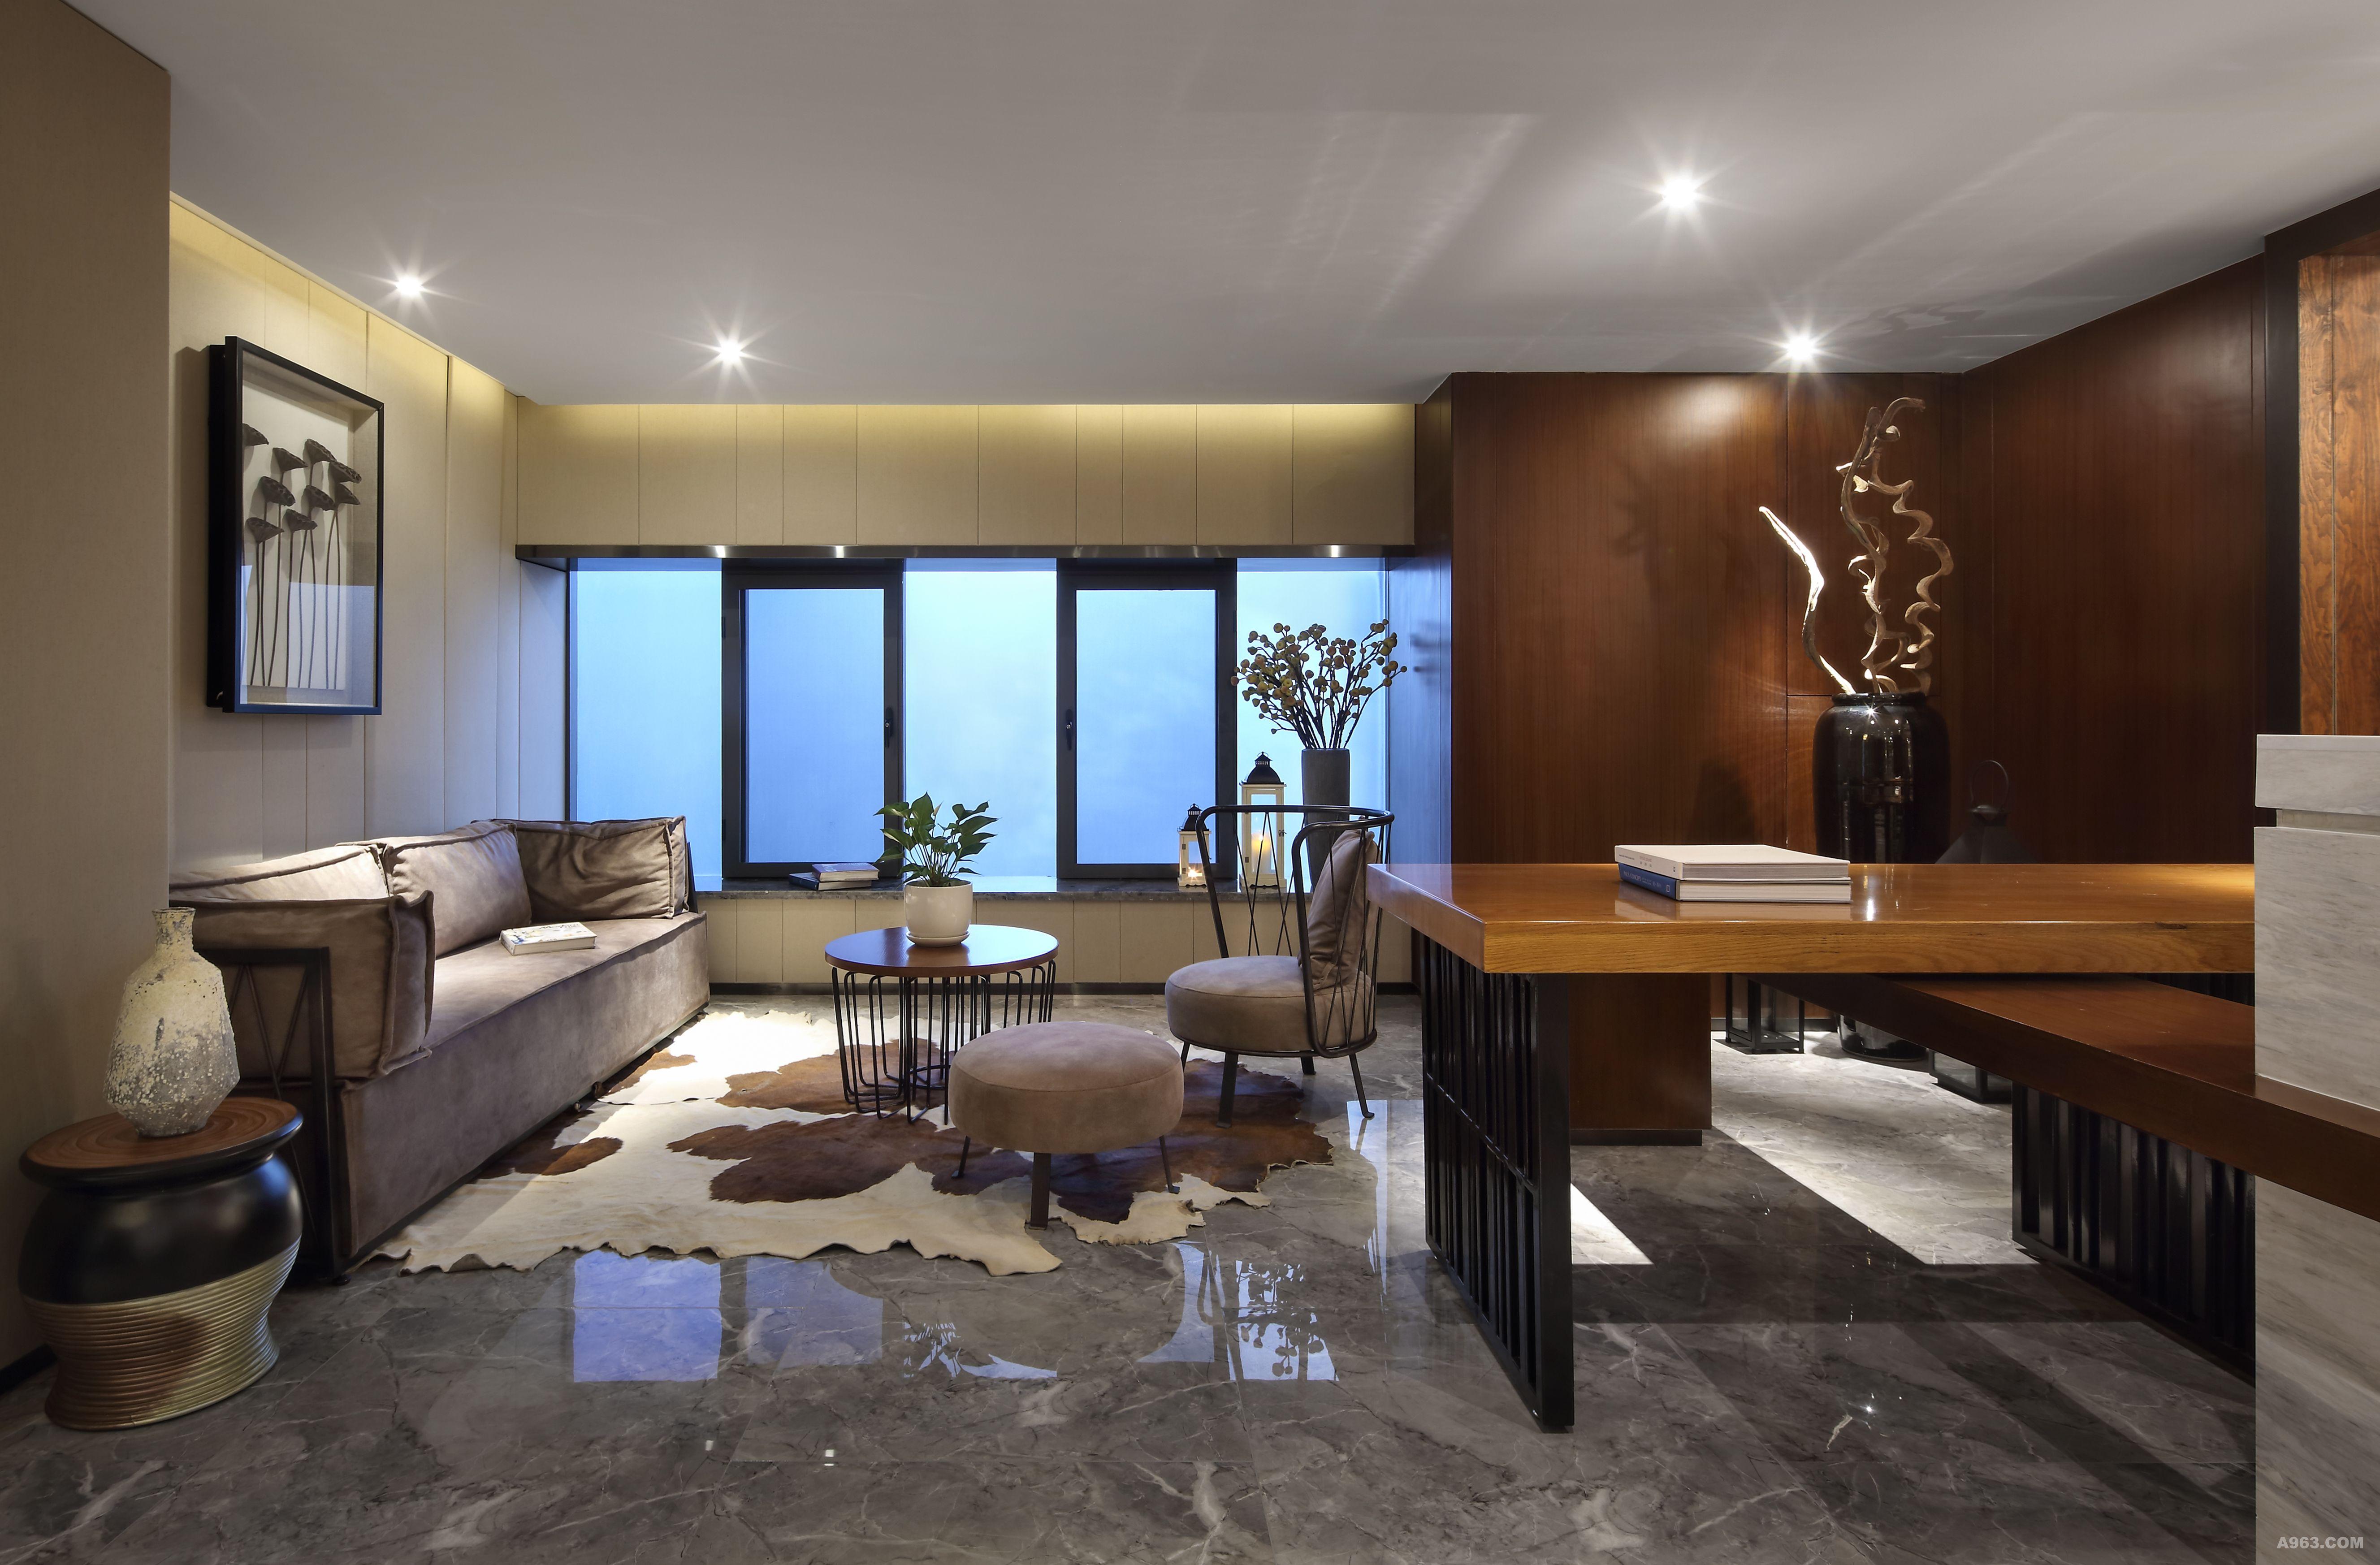 云傲装饰工程有限公司设计说明 区别于大装饰公司的高档奢华,该空间布局做了新的定义,用建筑的思维方式来考虑室内空间关系,通过空间的趣味性来替代无畏的装饰,自然形成好较为舒适的氛围;整体设计以新东方文化元素为主,中西组合的家具、陈设以及中国当代艺术品的巧妙装饰,呈现出静谧自然的中国东方美学气质;空间中一步一景,低调简单的哑光石材,原汁原味的钢板和圆钢管,质朴自然的木面材料……让人仿若置身旷阔林间。